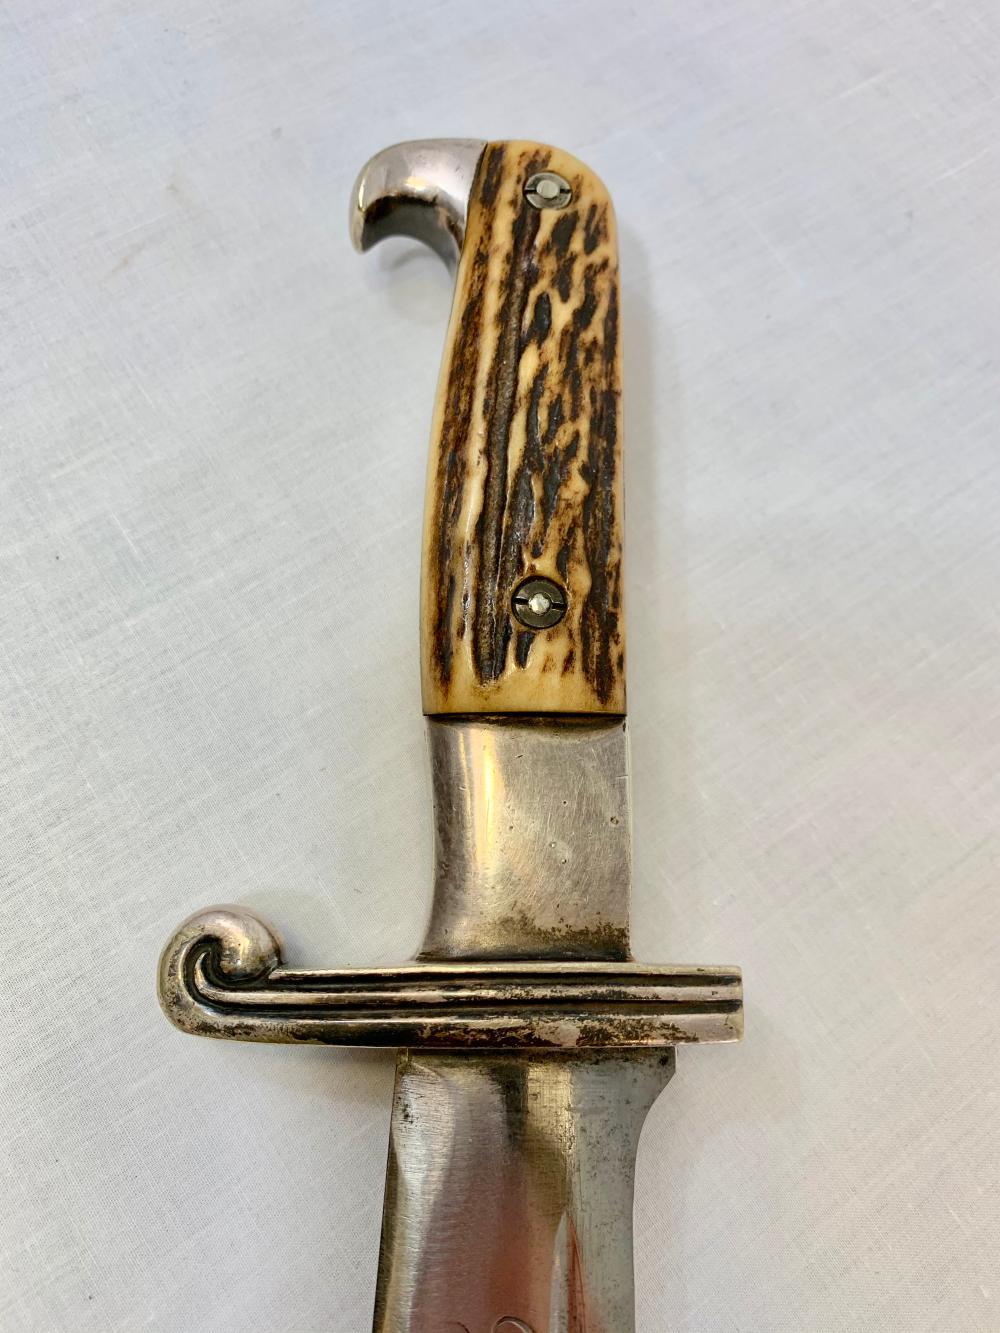 German WWII Rad Hewer Dagger